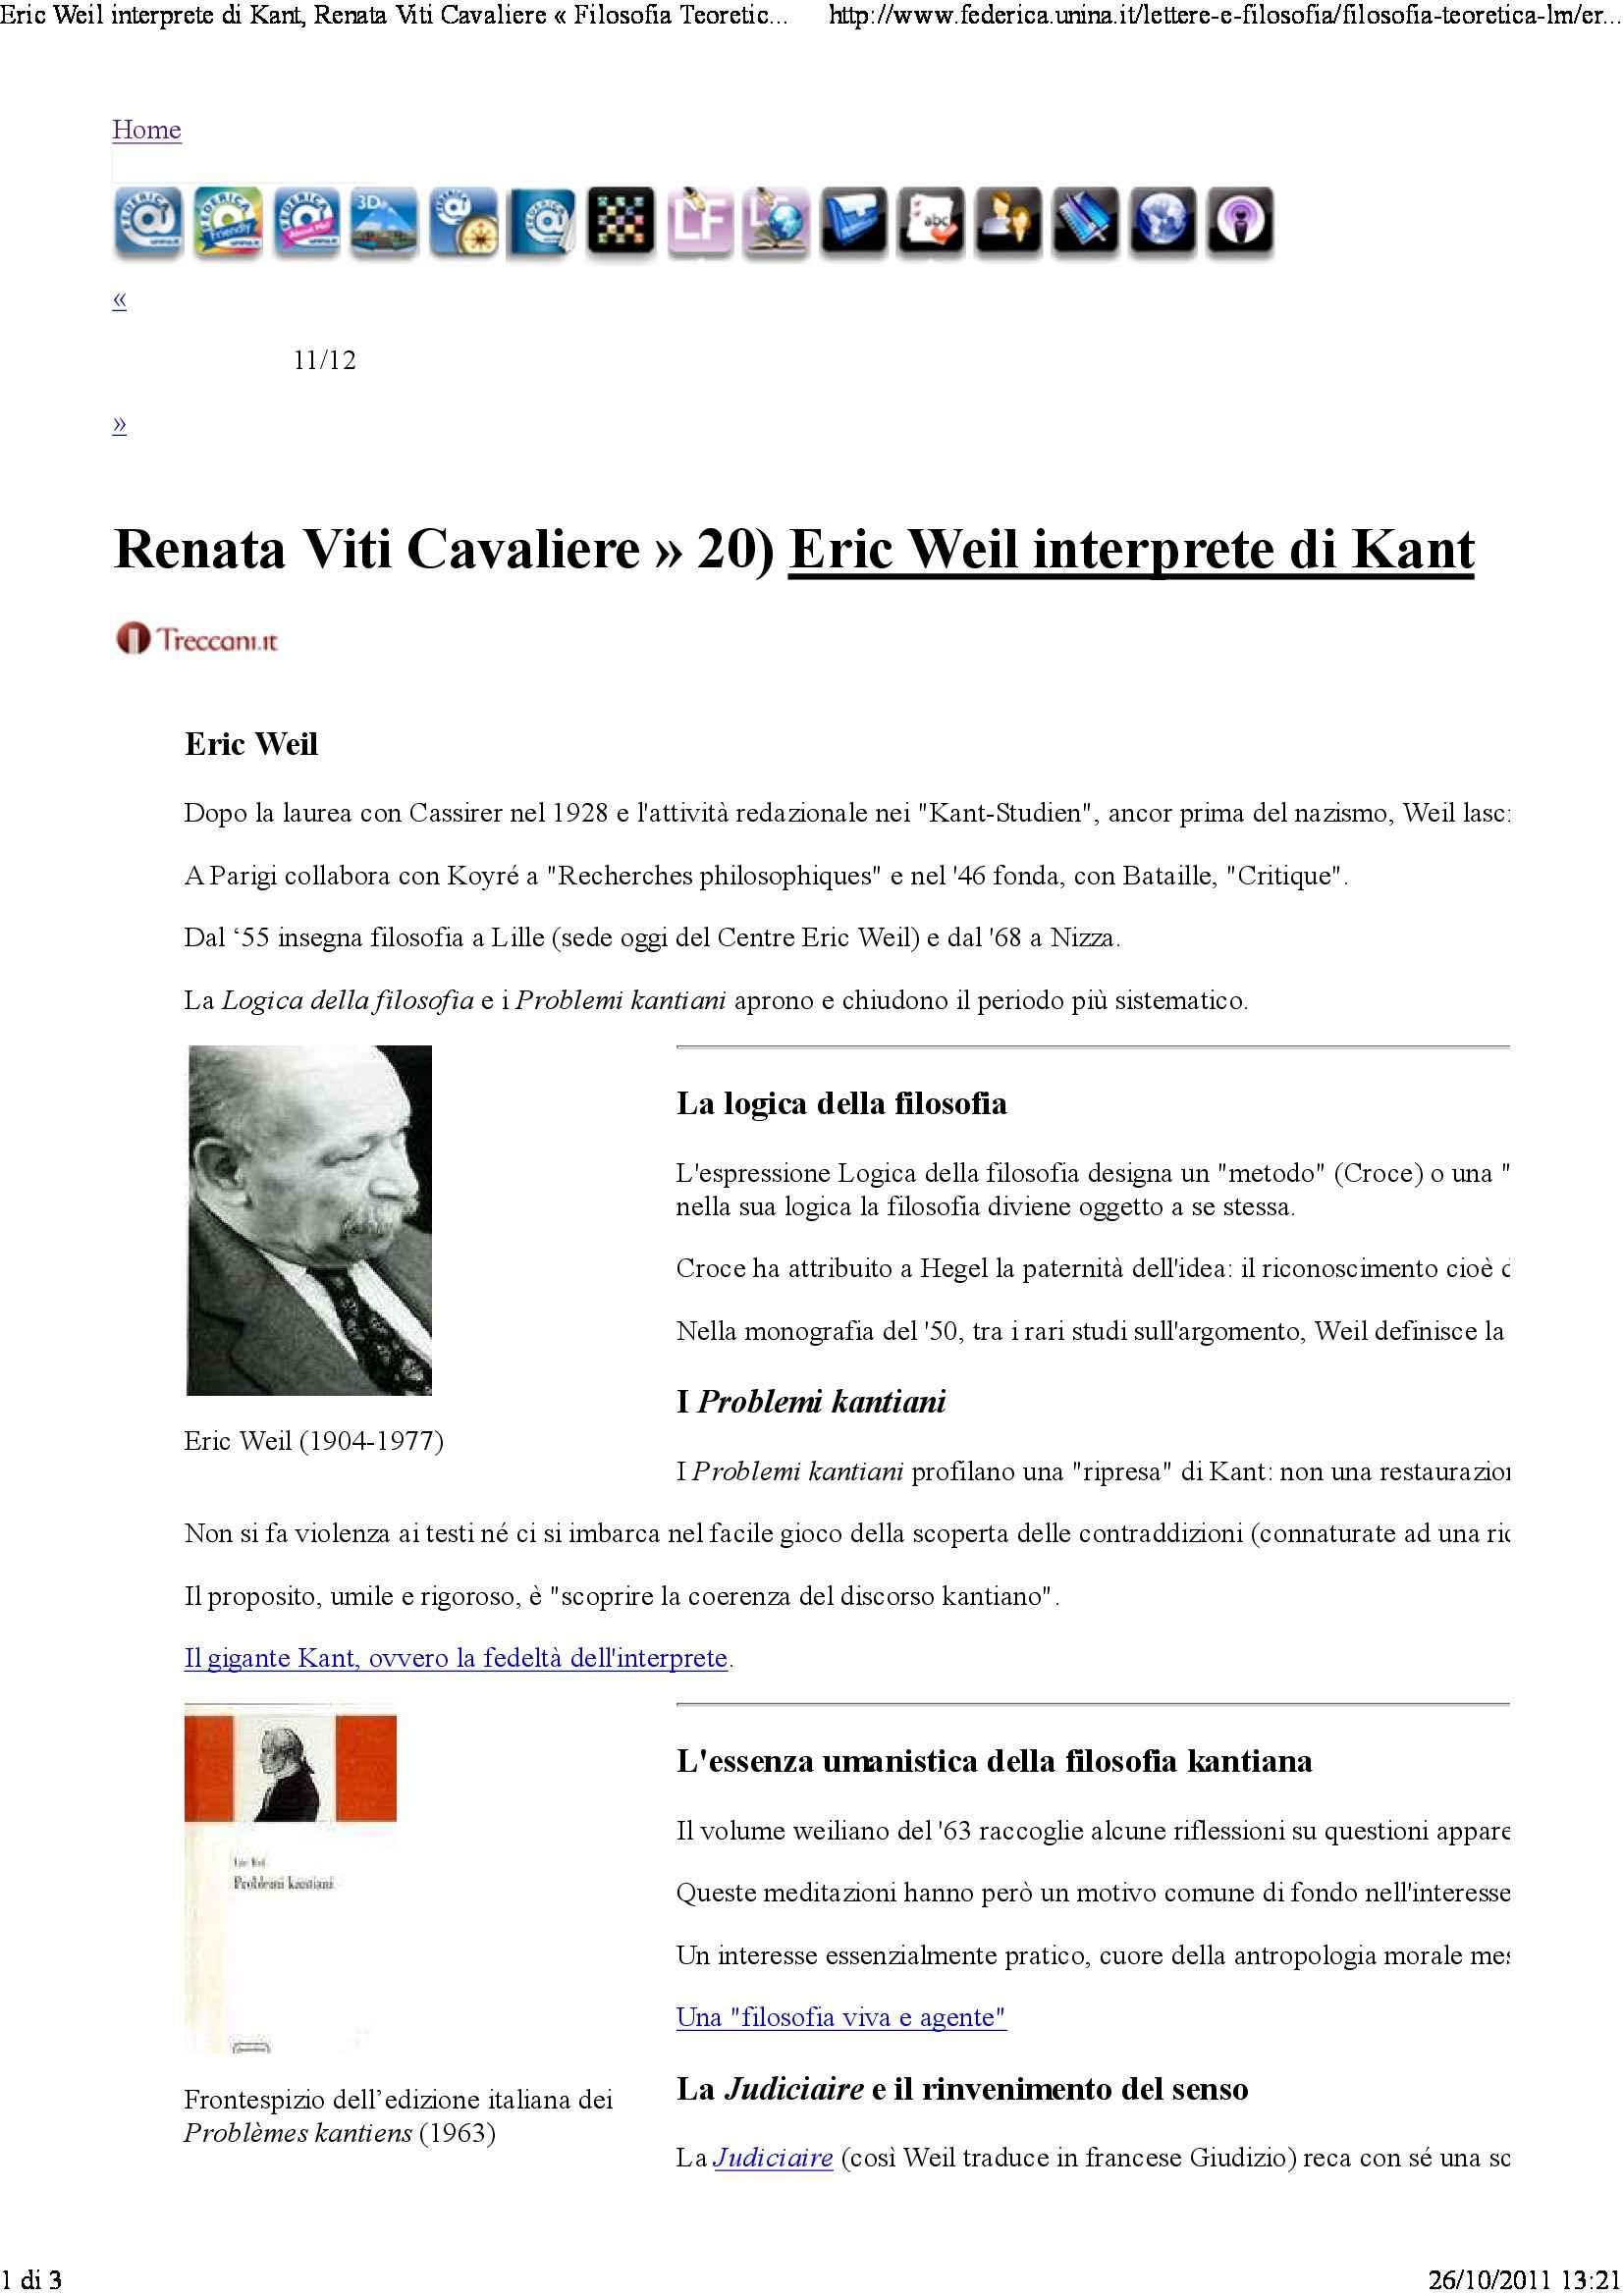 Eric Weil interprete di Kant